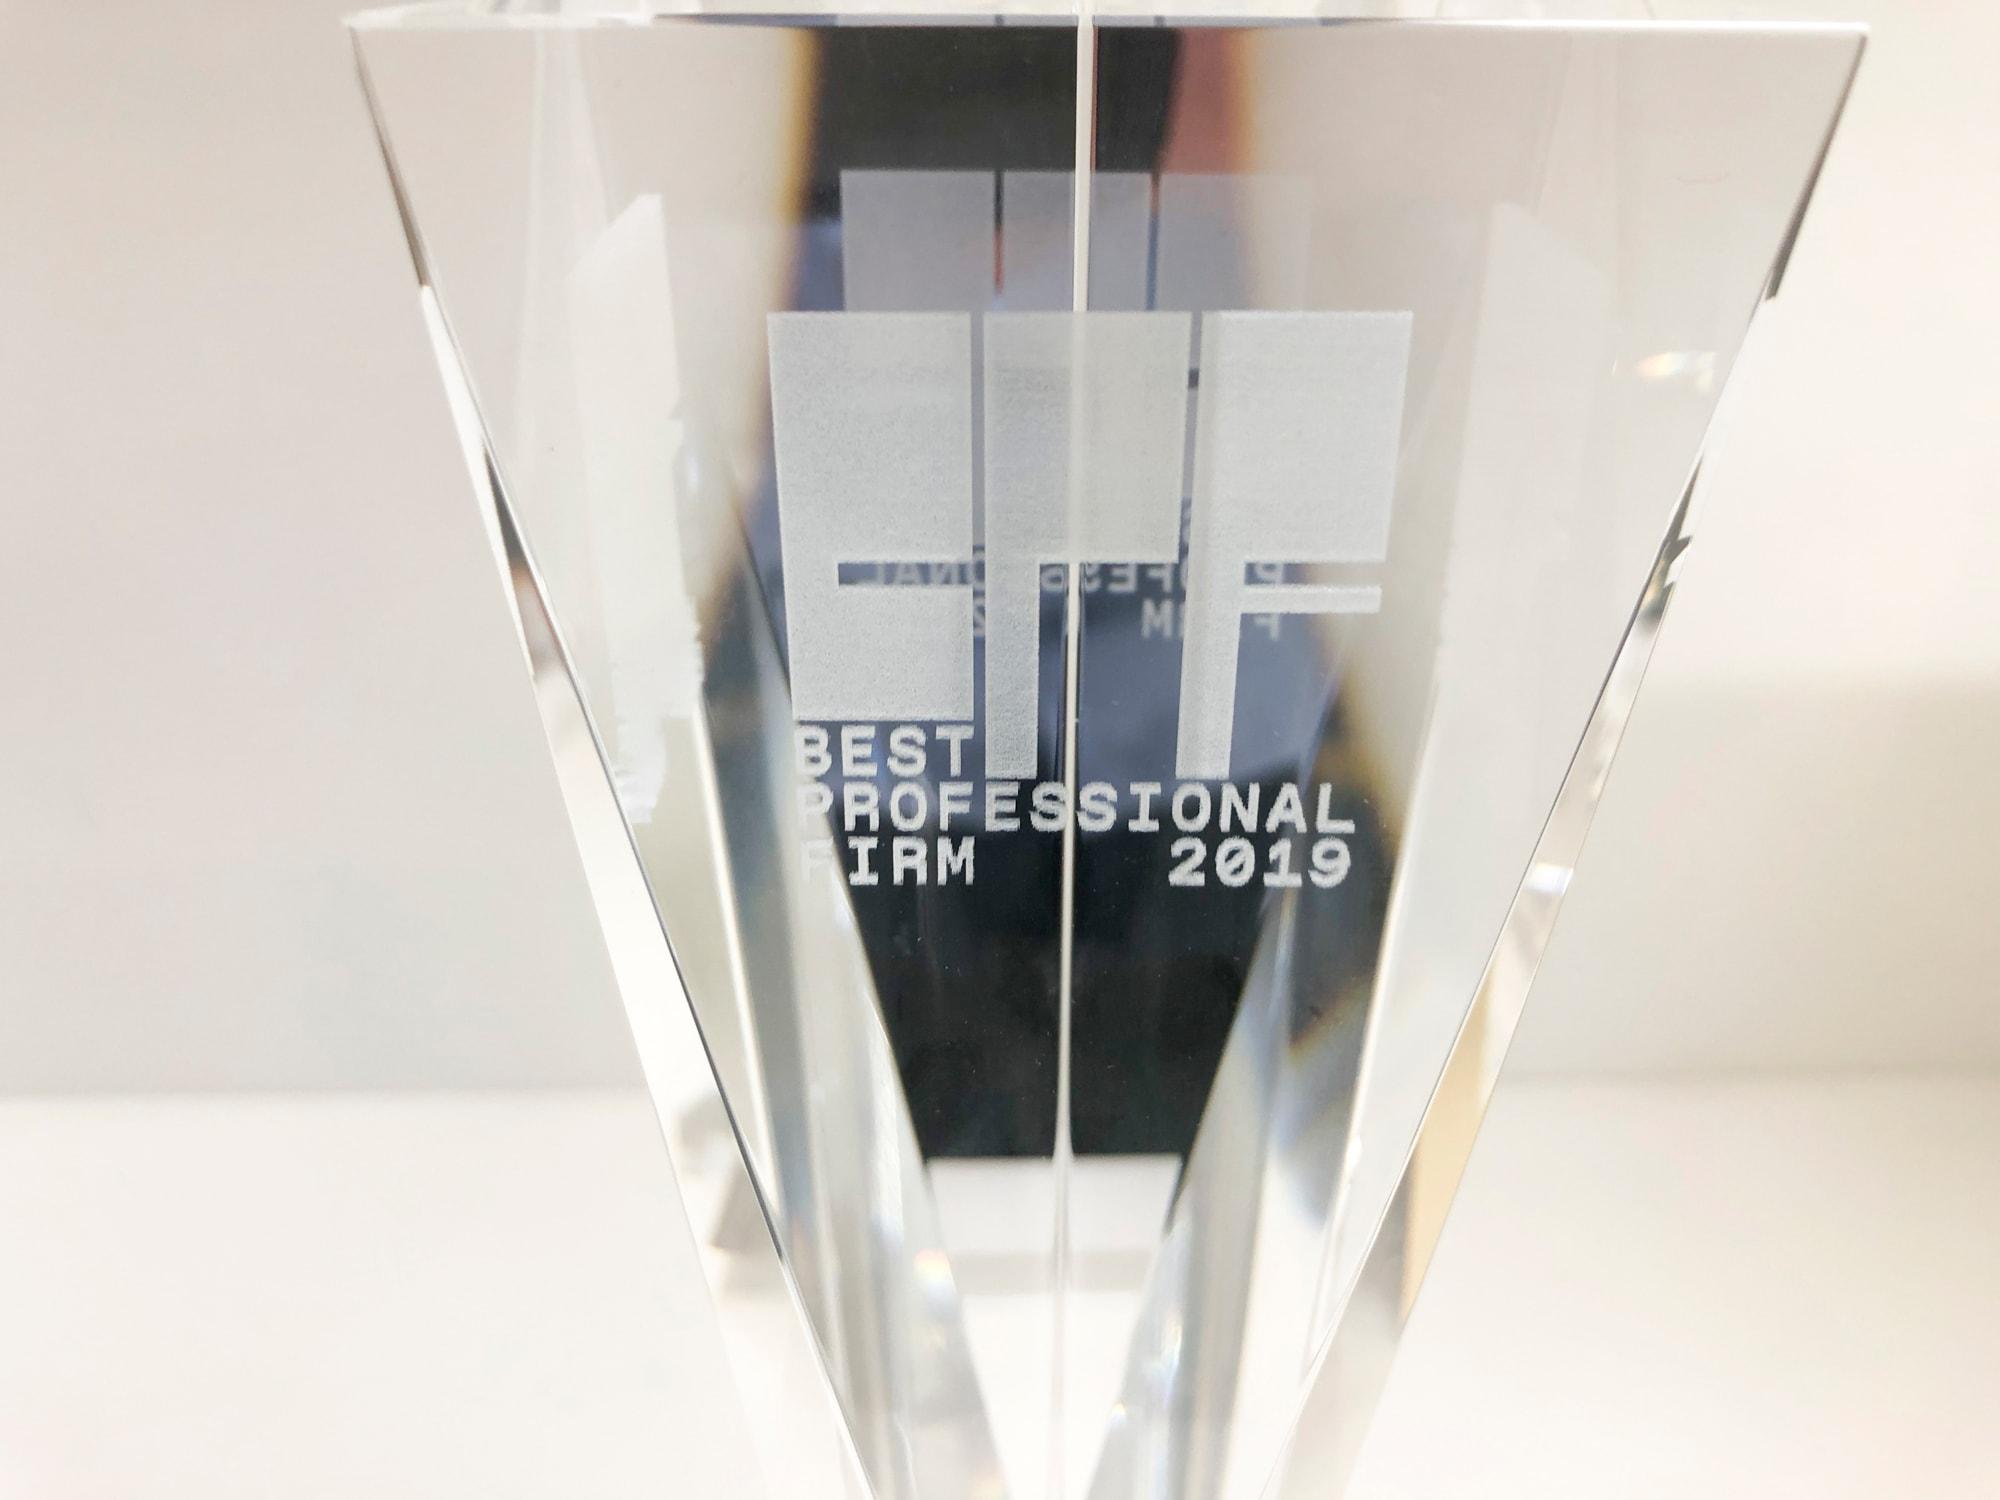 株式会社MS-Japan主催の特に優れた会計事務所等を表彰する「BEST PROFESSIONAL FIRM 2019」にアクタス税理士法人が選出されました。2019年は国内約4,000事務所から73社が選出されました。